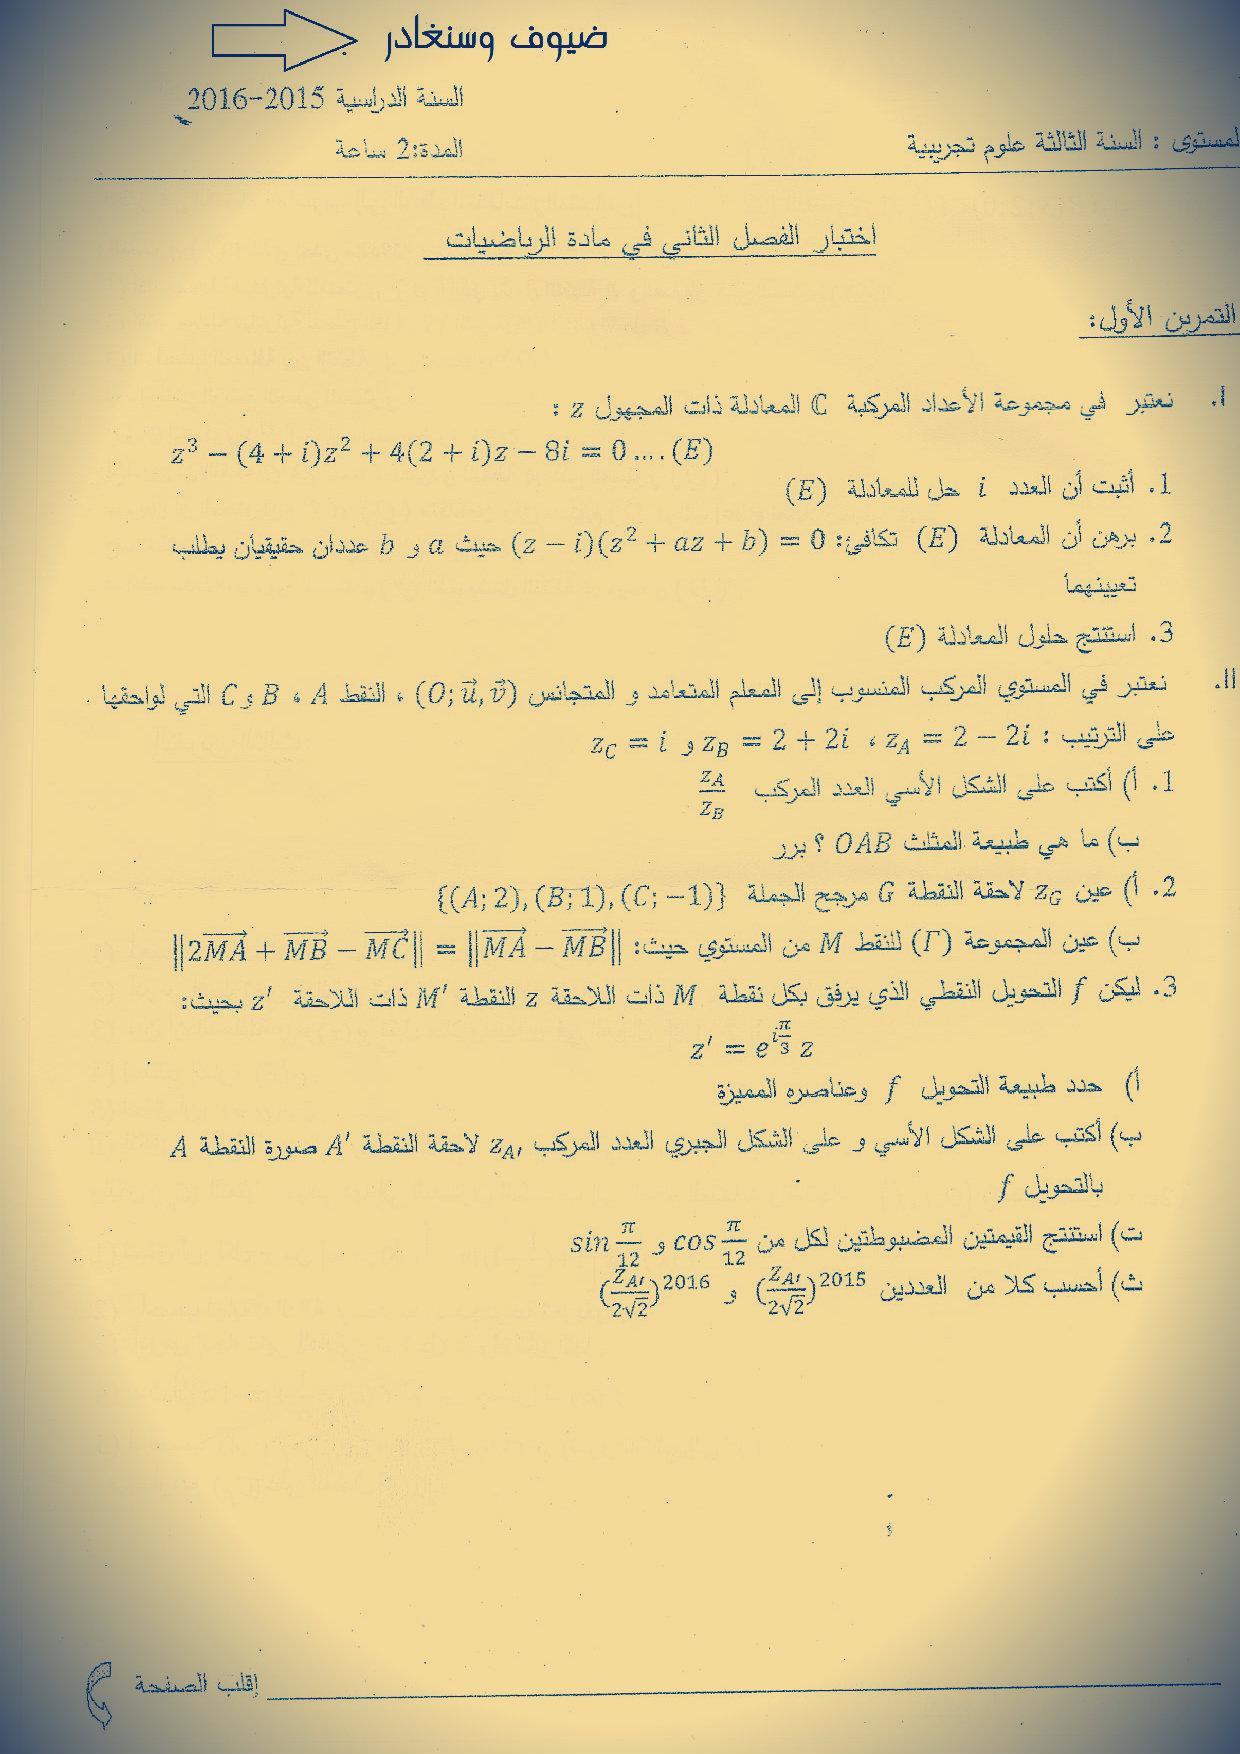 اختبارات ثانويتي للفصل الثاني..شعبة العلوم تجريبية~ 900480897.jpg